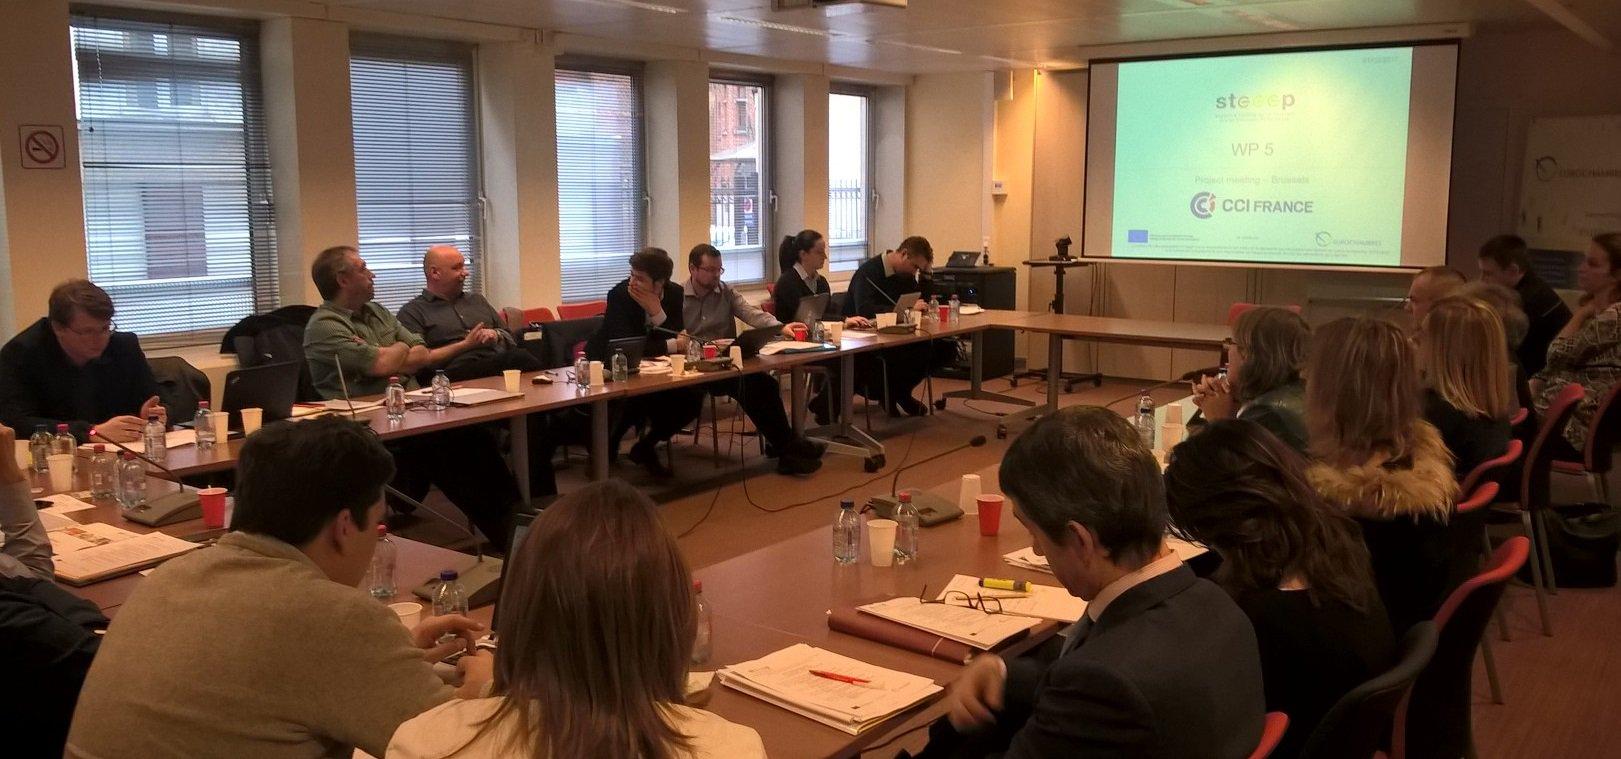 Nous participons aux derniers échanges entre #CCI européennes engagées ds progr. #STEEEP efficacité #Energie #PME @EUROCHAMBRES #Bruxelles https://t.co/6pchoDV0e6